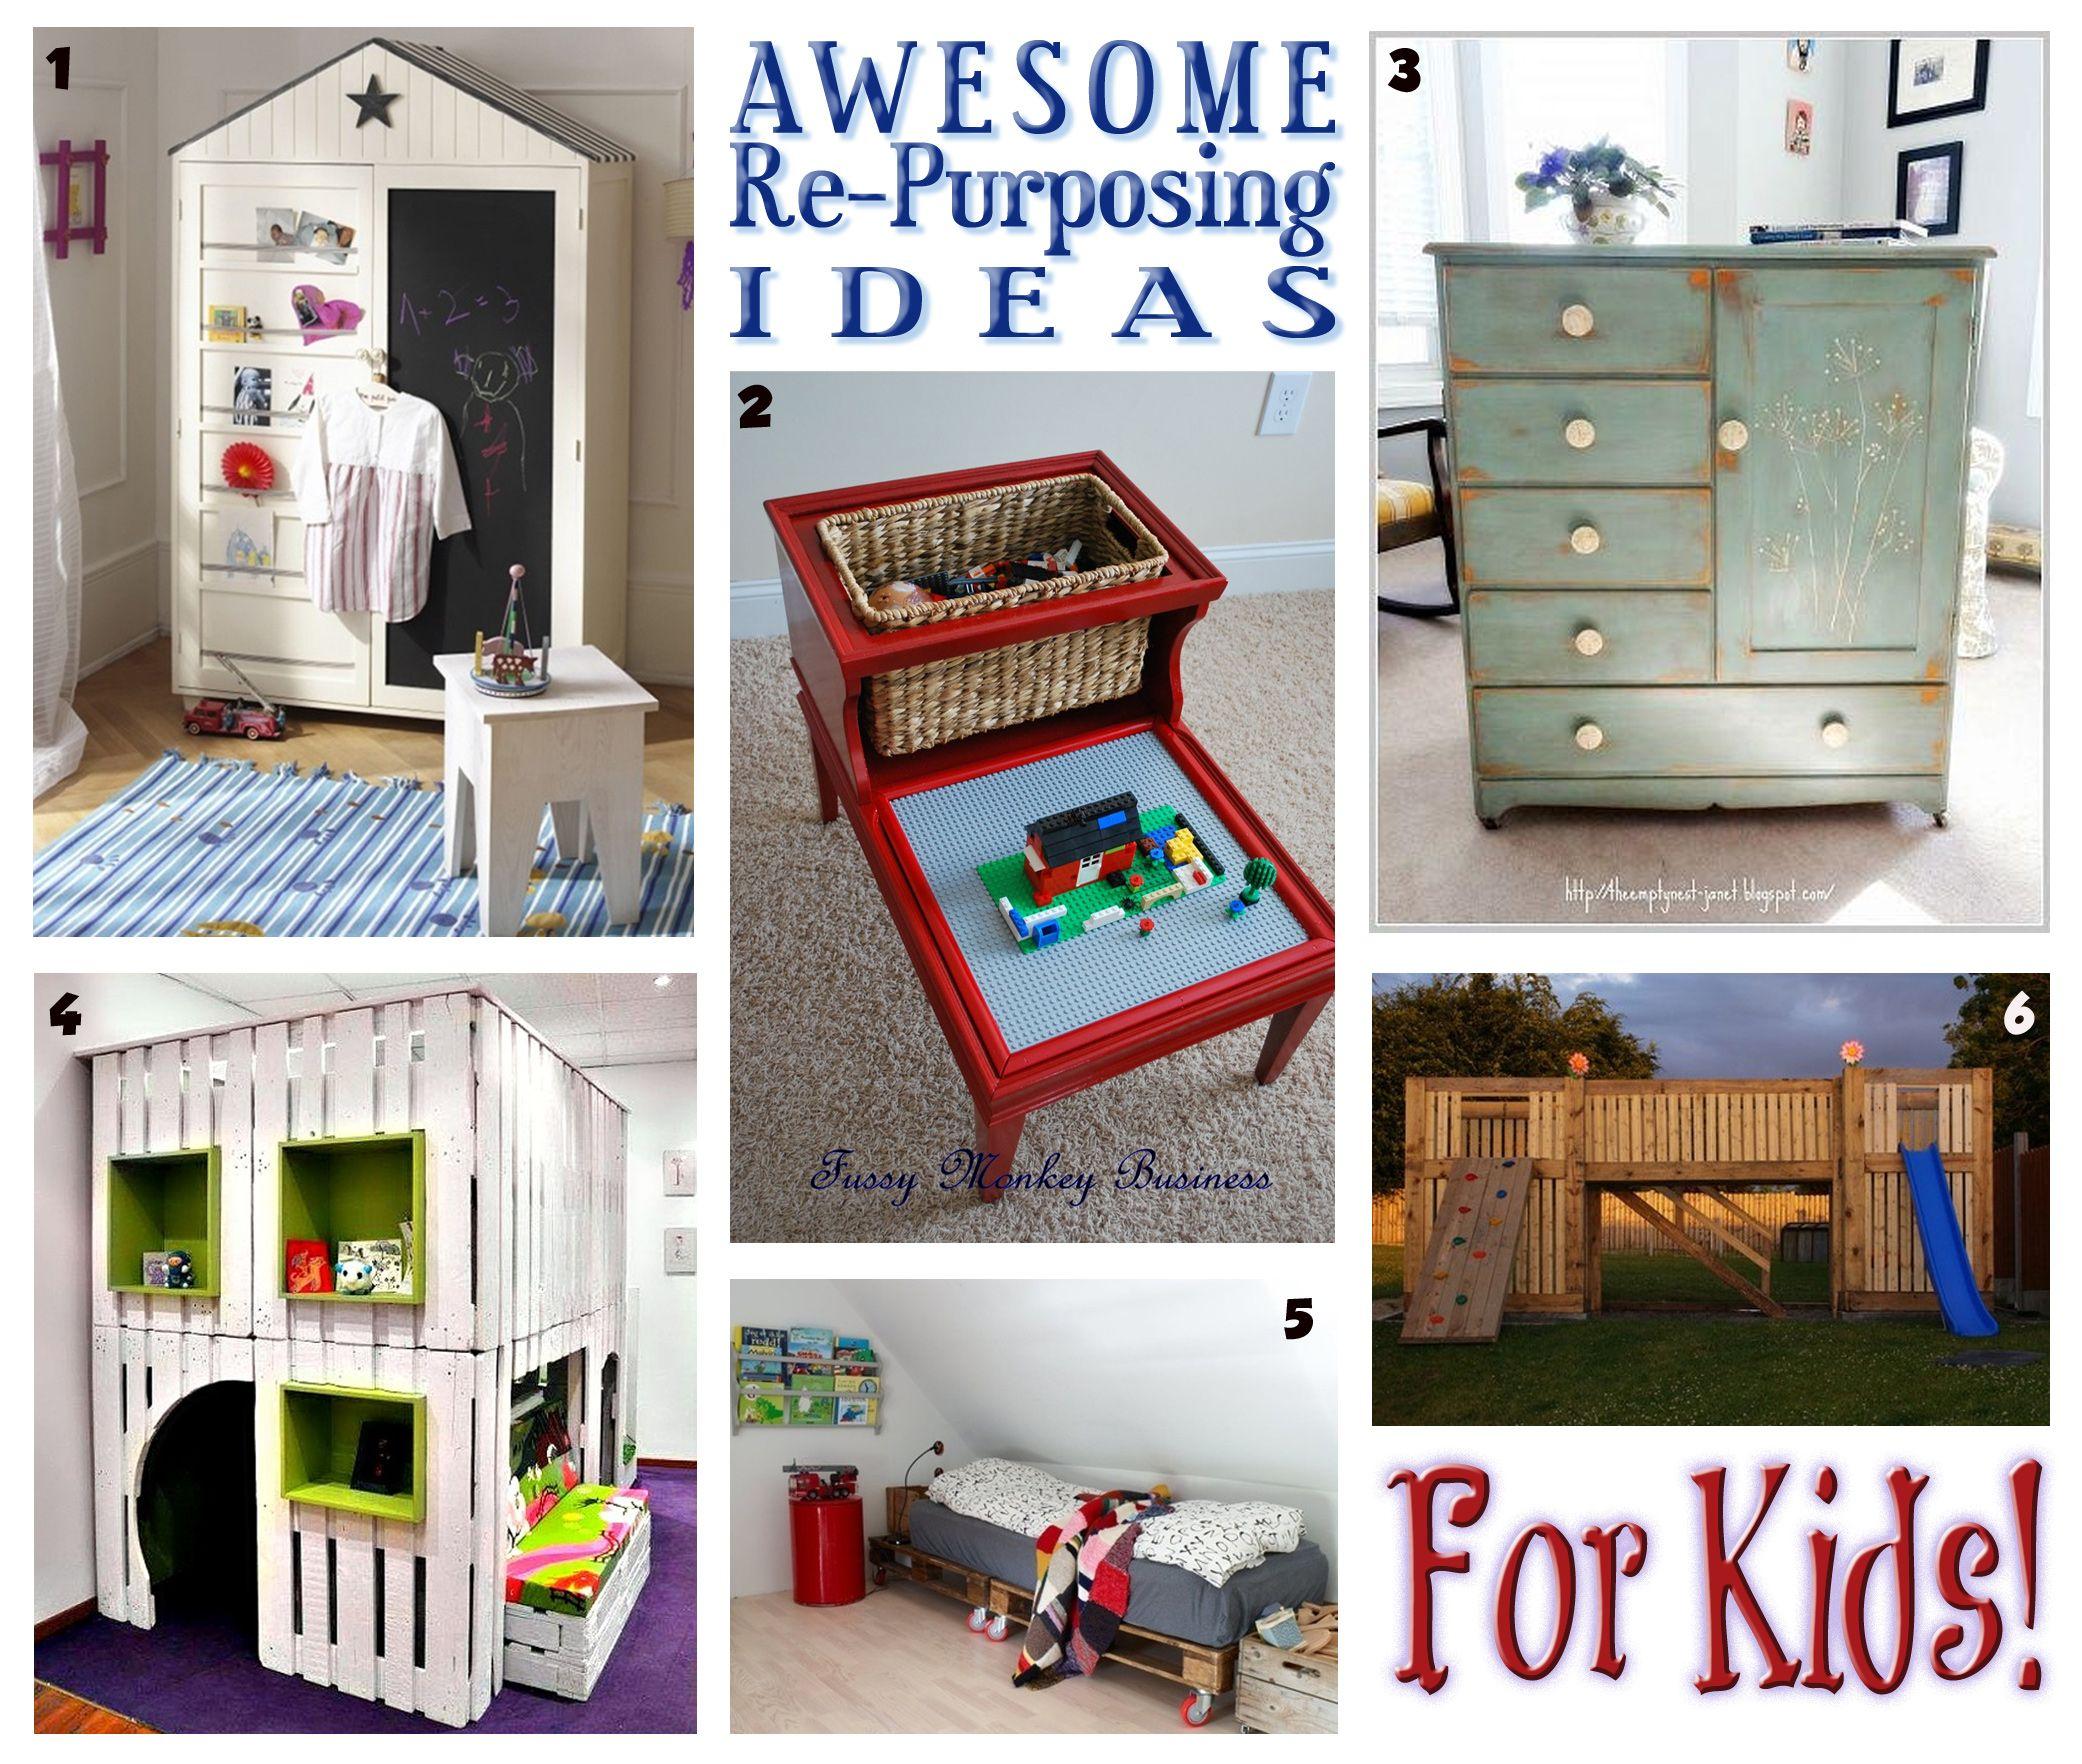 repurpose furniture ideas hanging repurposed furniture for kids repurposing ideas kids spaces